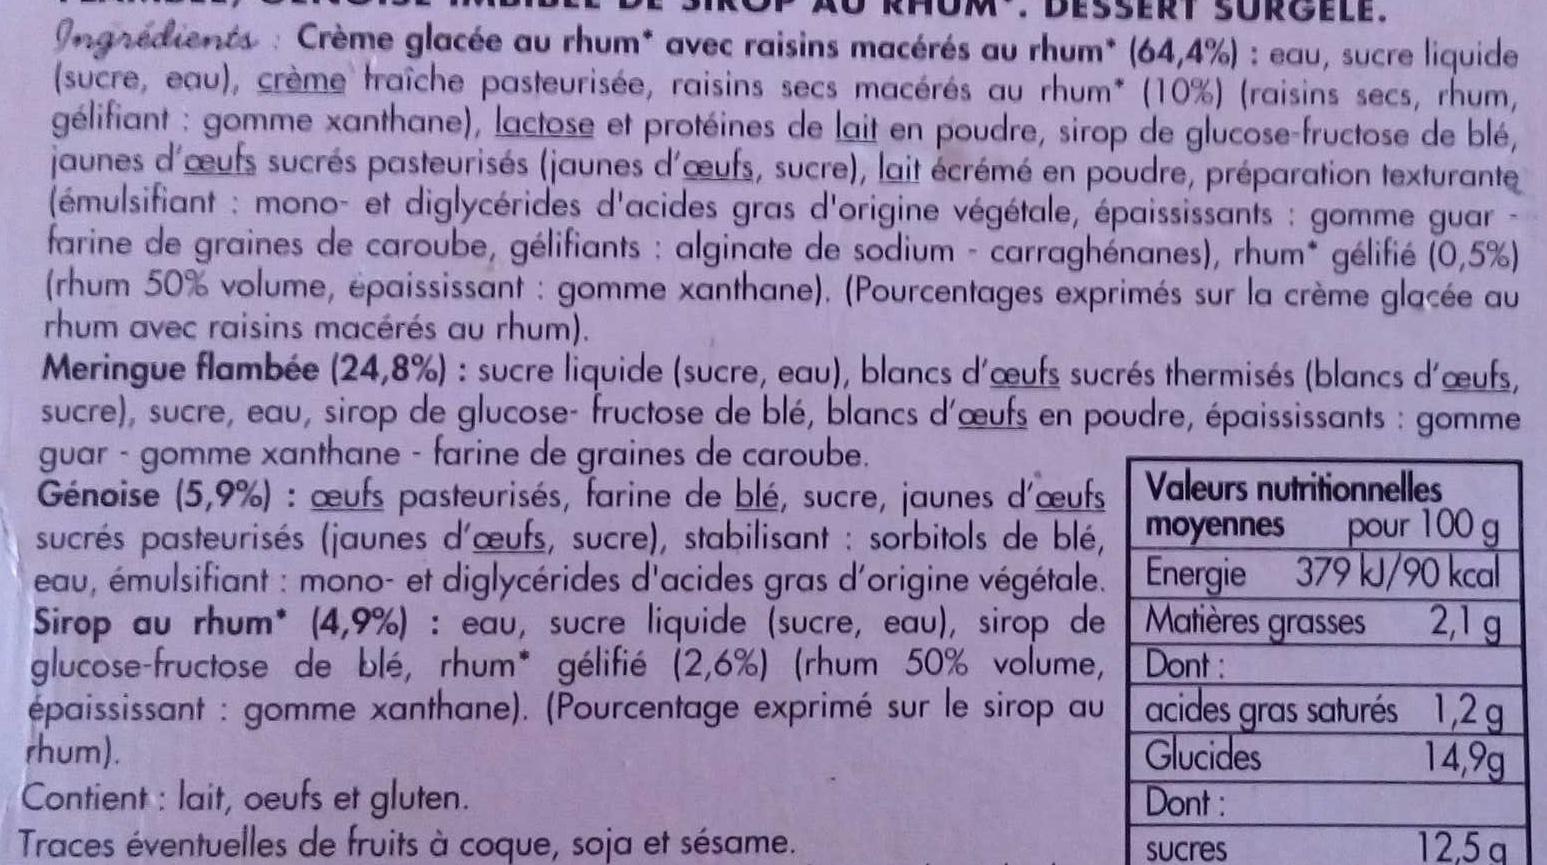 Omelette norvégienne au rhum - Ingrédients - fr